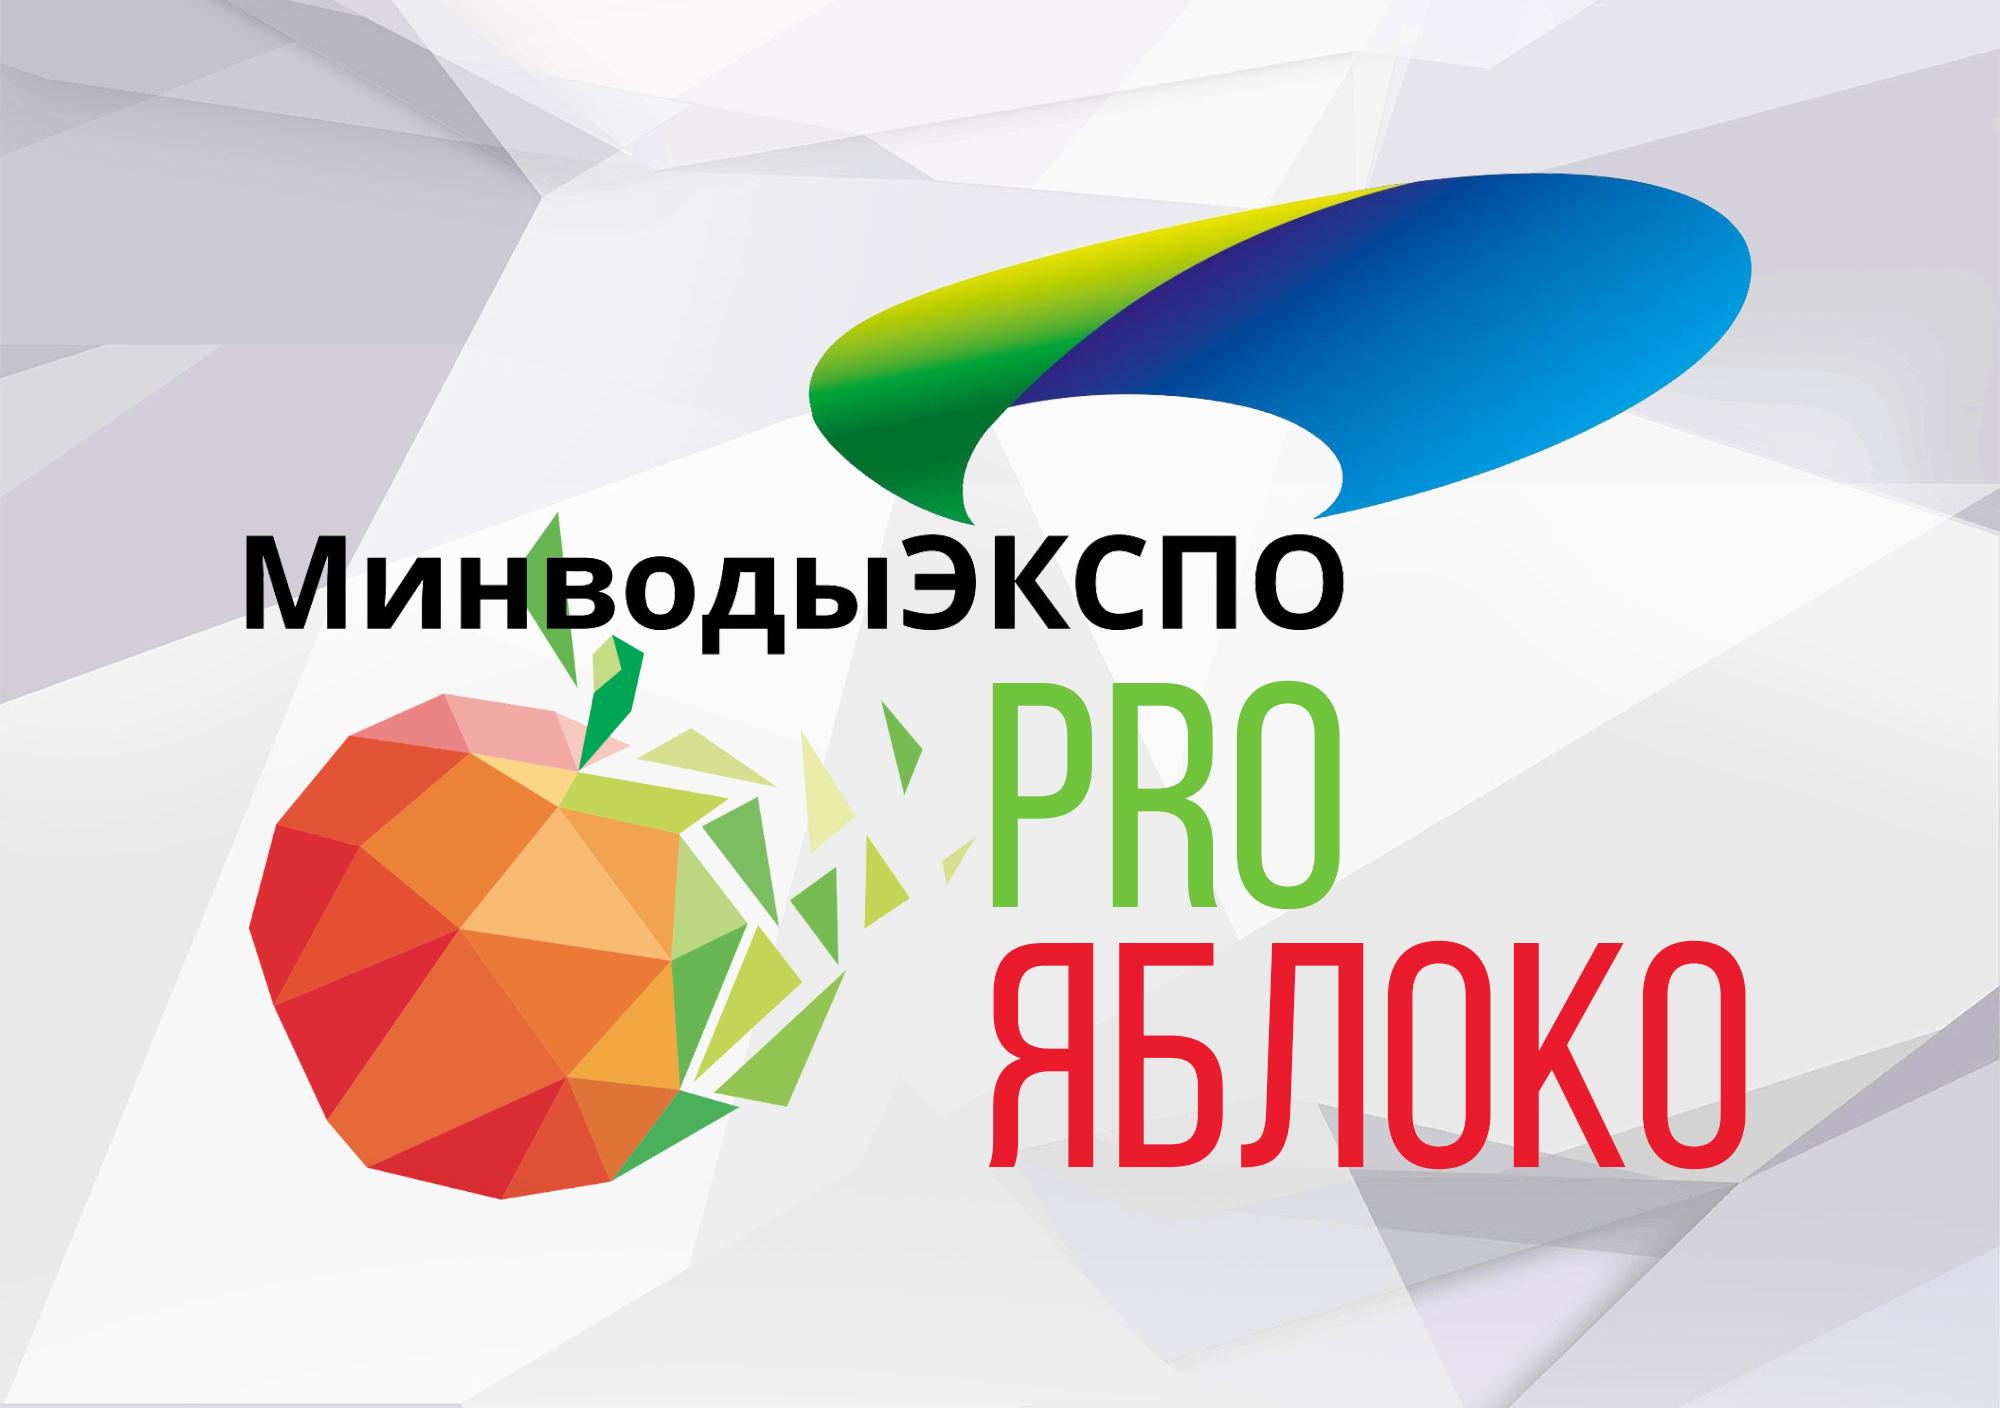 Завод СтеклоПласт принял активное участие в выставке PRO Яблоко 2021. Минводы ЭКСПО.